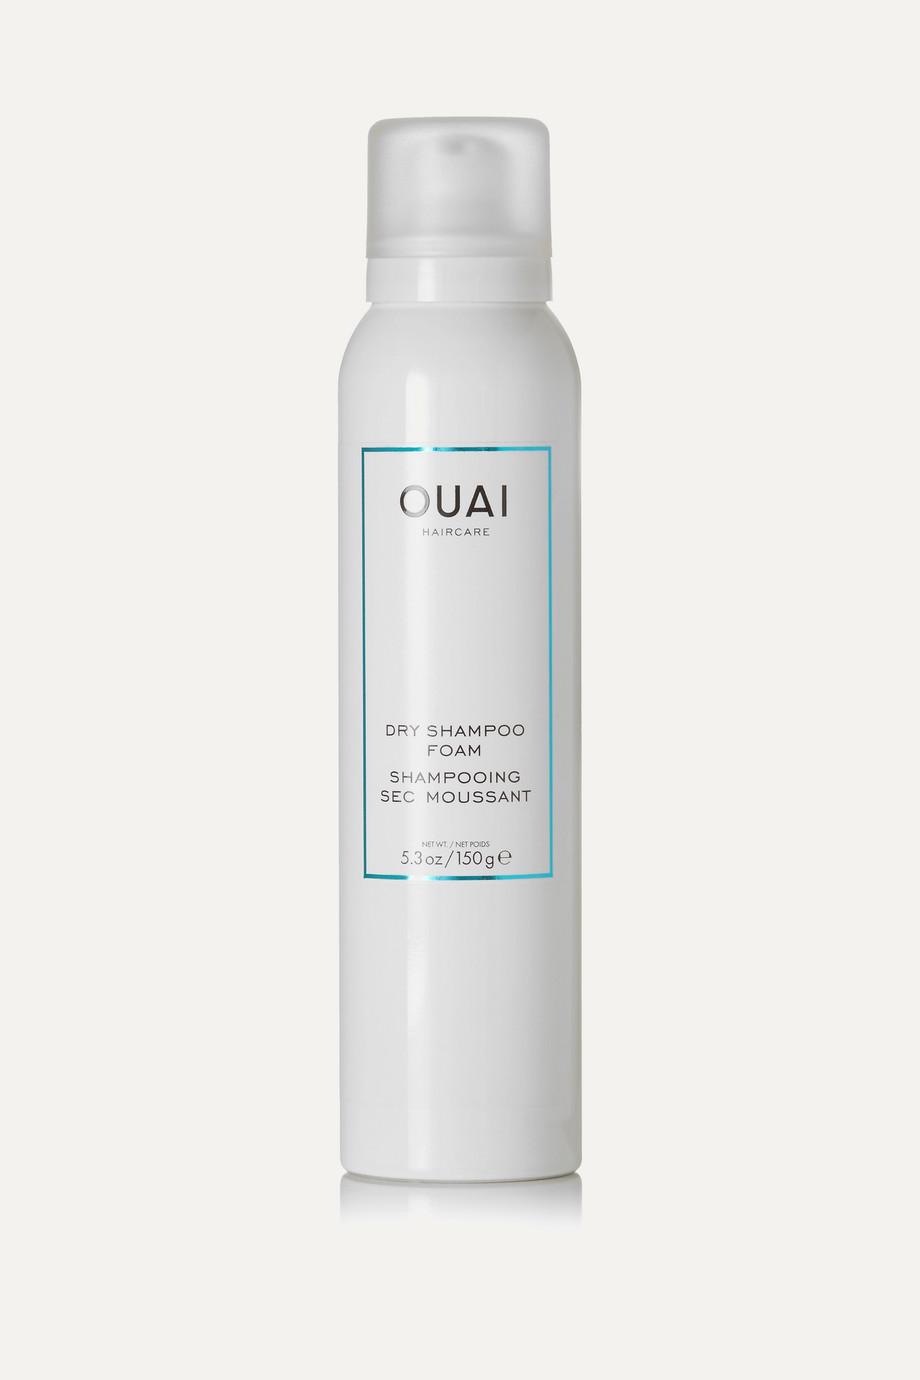 OUAI Haircare Dry Shampoo Foam, 150 g – Trockenshampoo